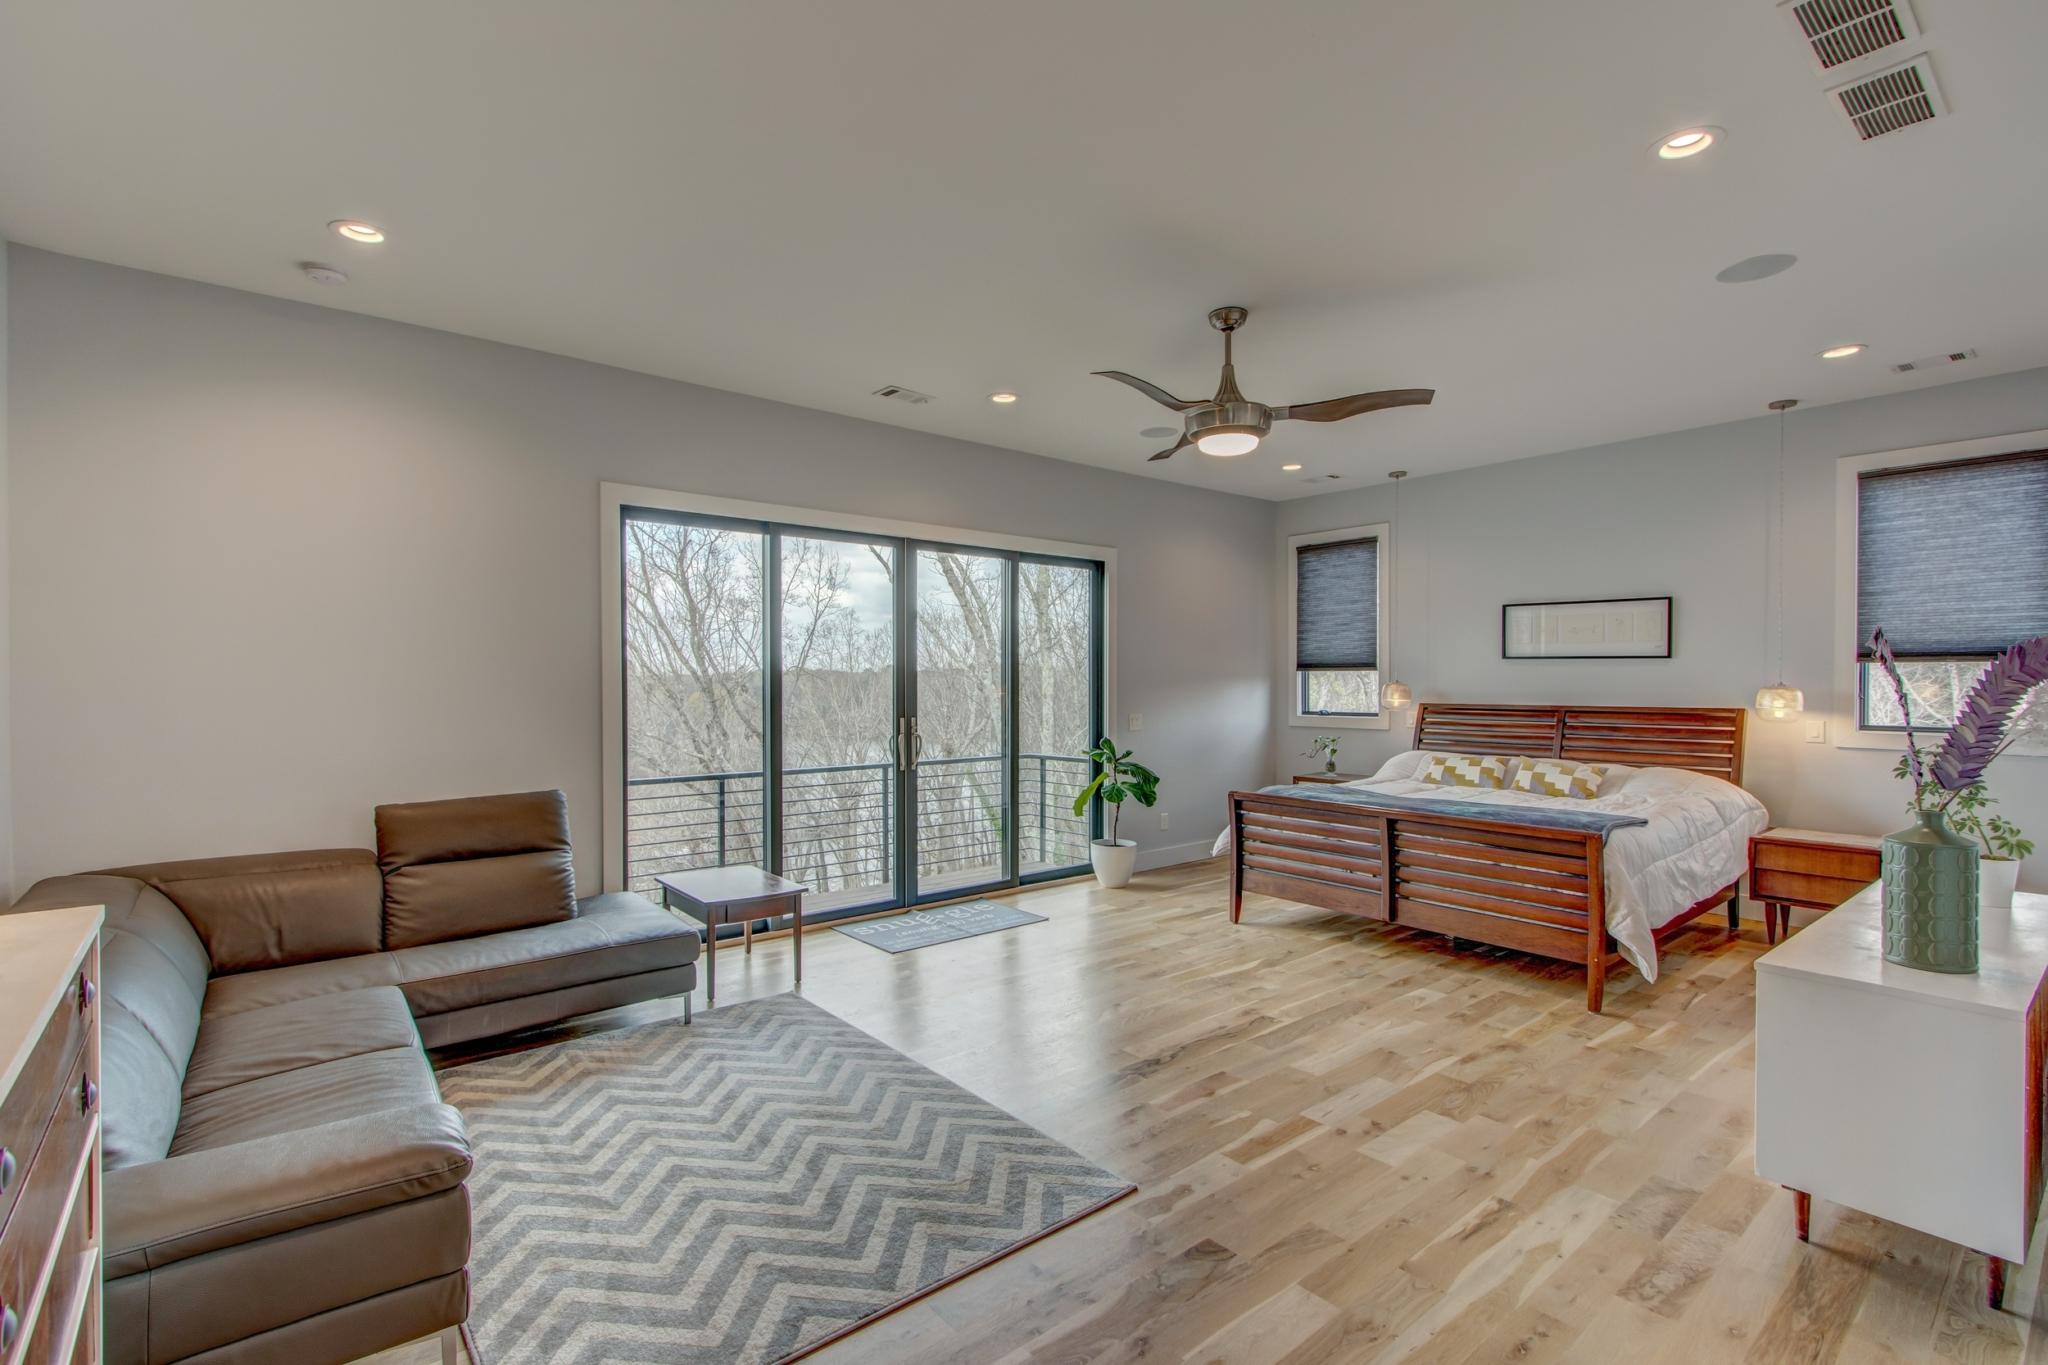 5-Flowery-Branch-6539-Bermuda-Lane-bedroom-1-scaled.jpg